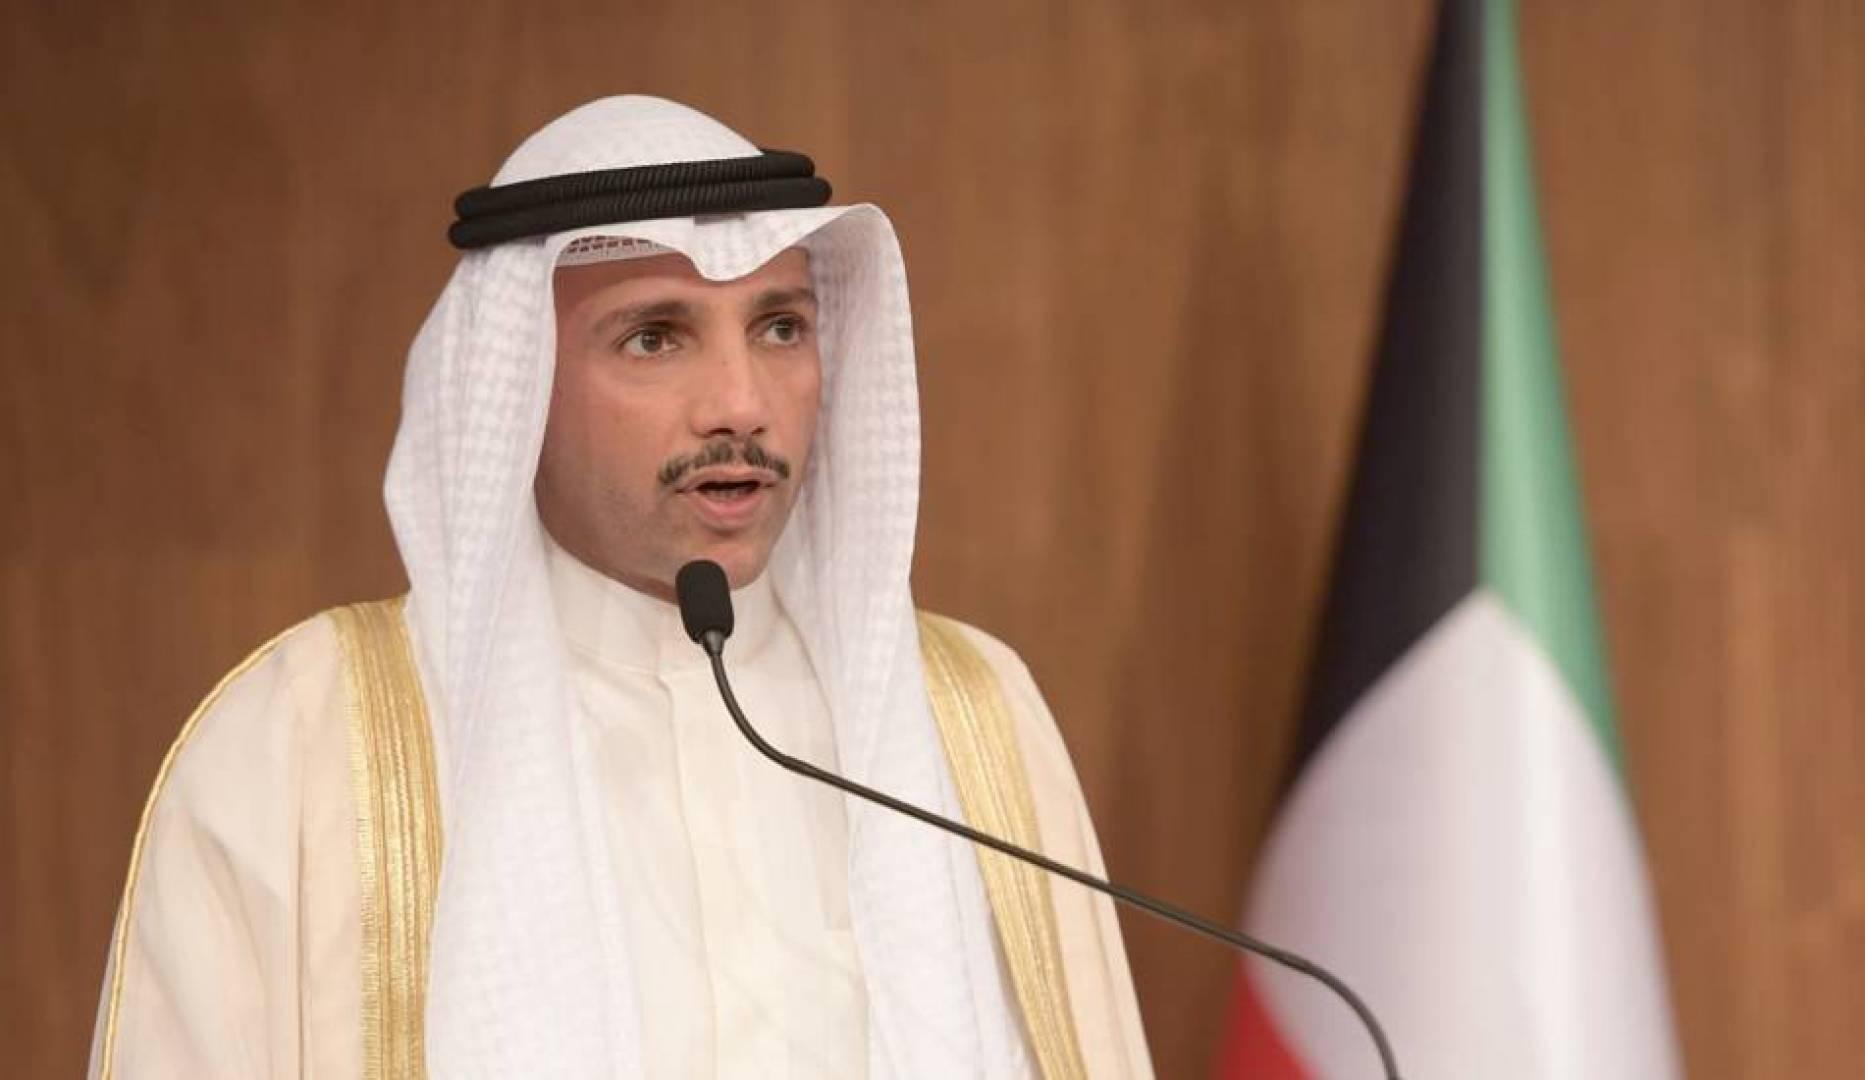 الرئيس الغانم: تلقينا ببالغ السرور الأنباء الإيجابية بشأن الخلاف الخليجي العابر